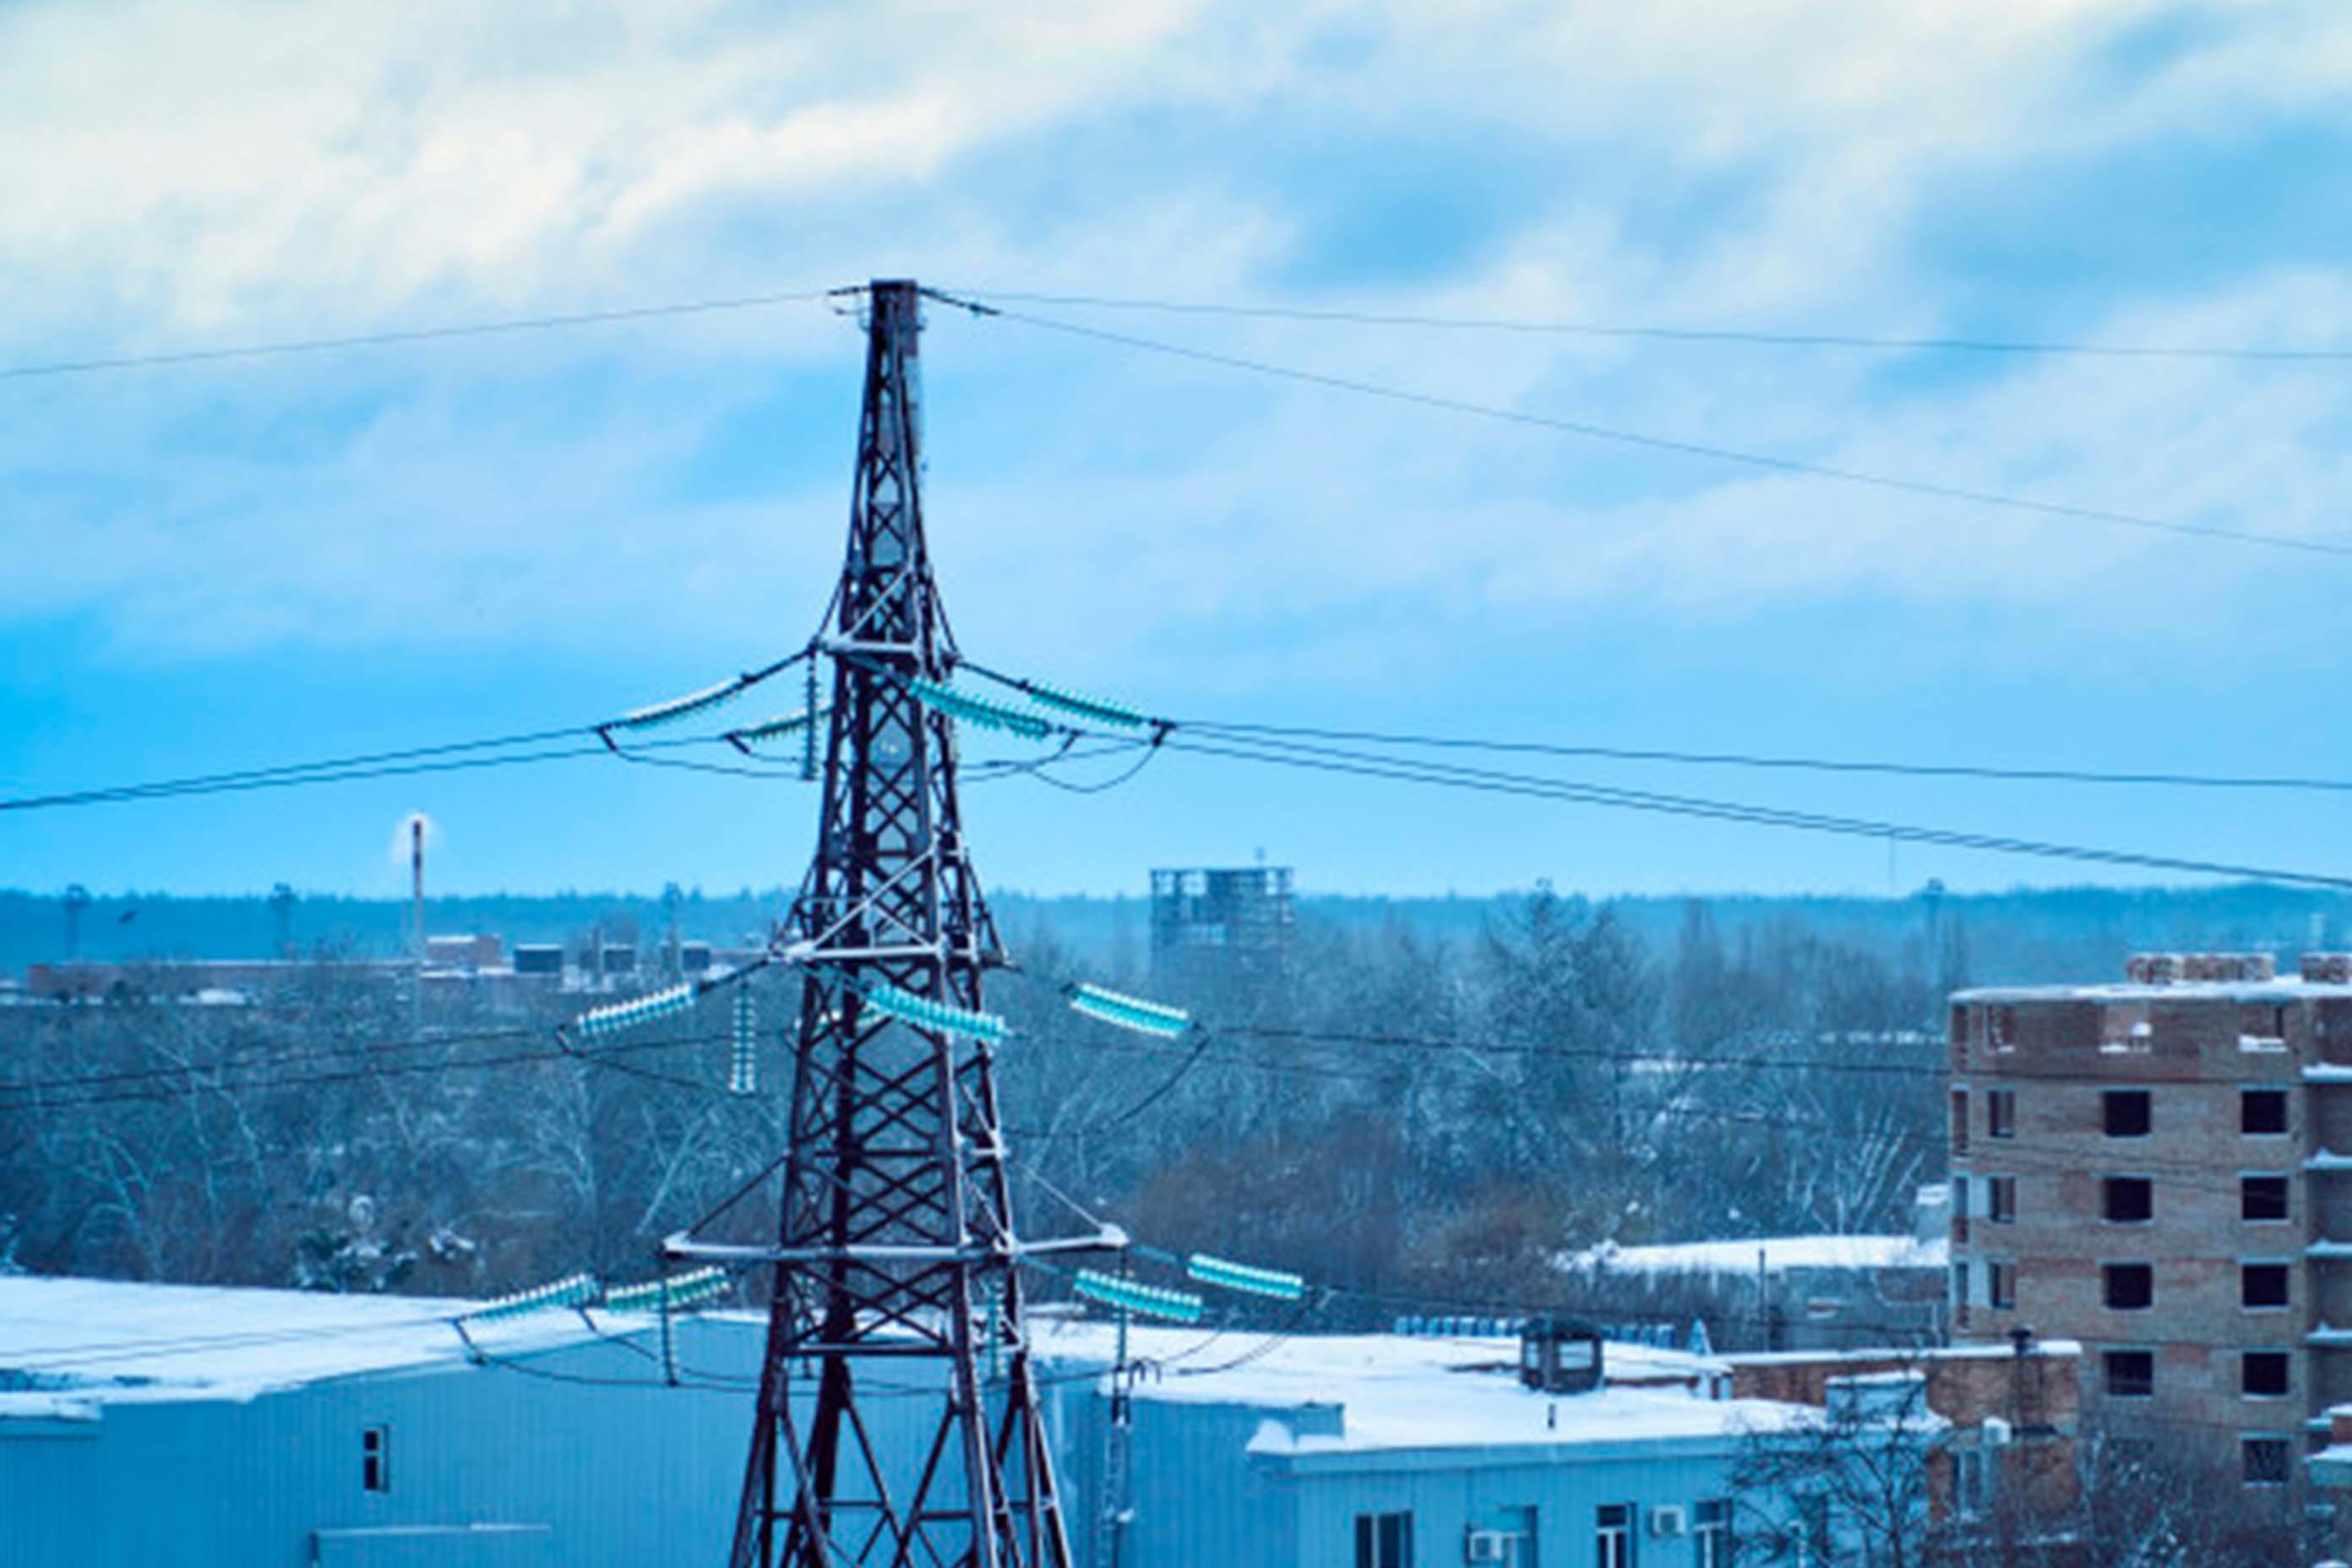 Современные аспекты промышленной и энергетической безопасности в теплоэнергетике при подготовке к осенне-зимнему периоду